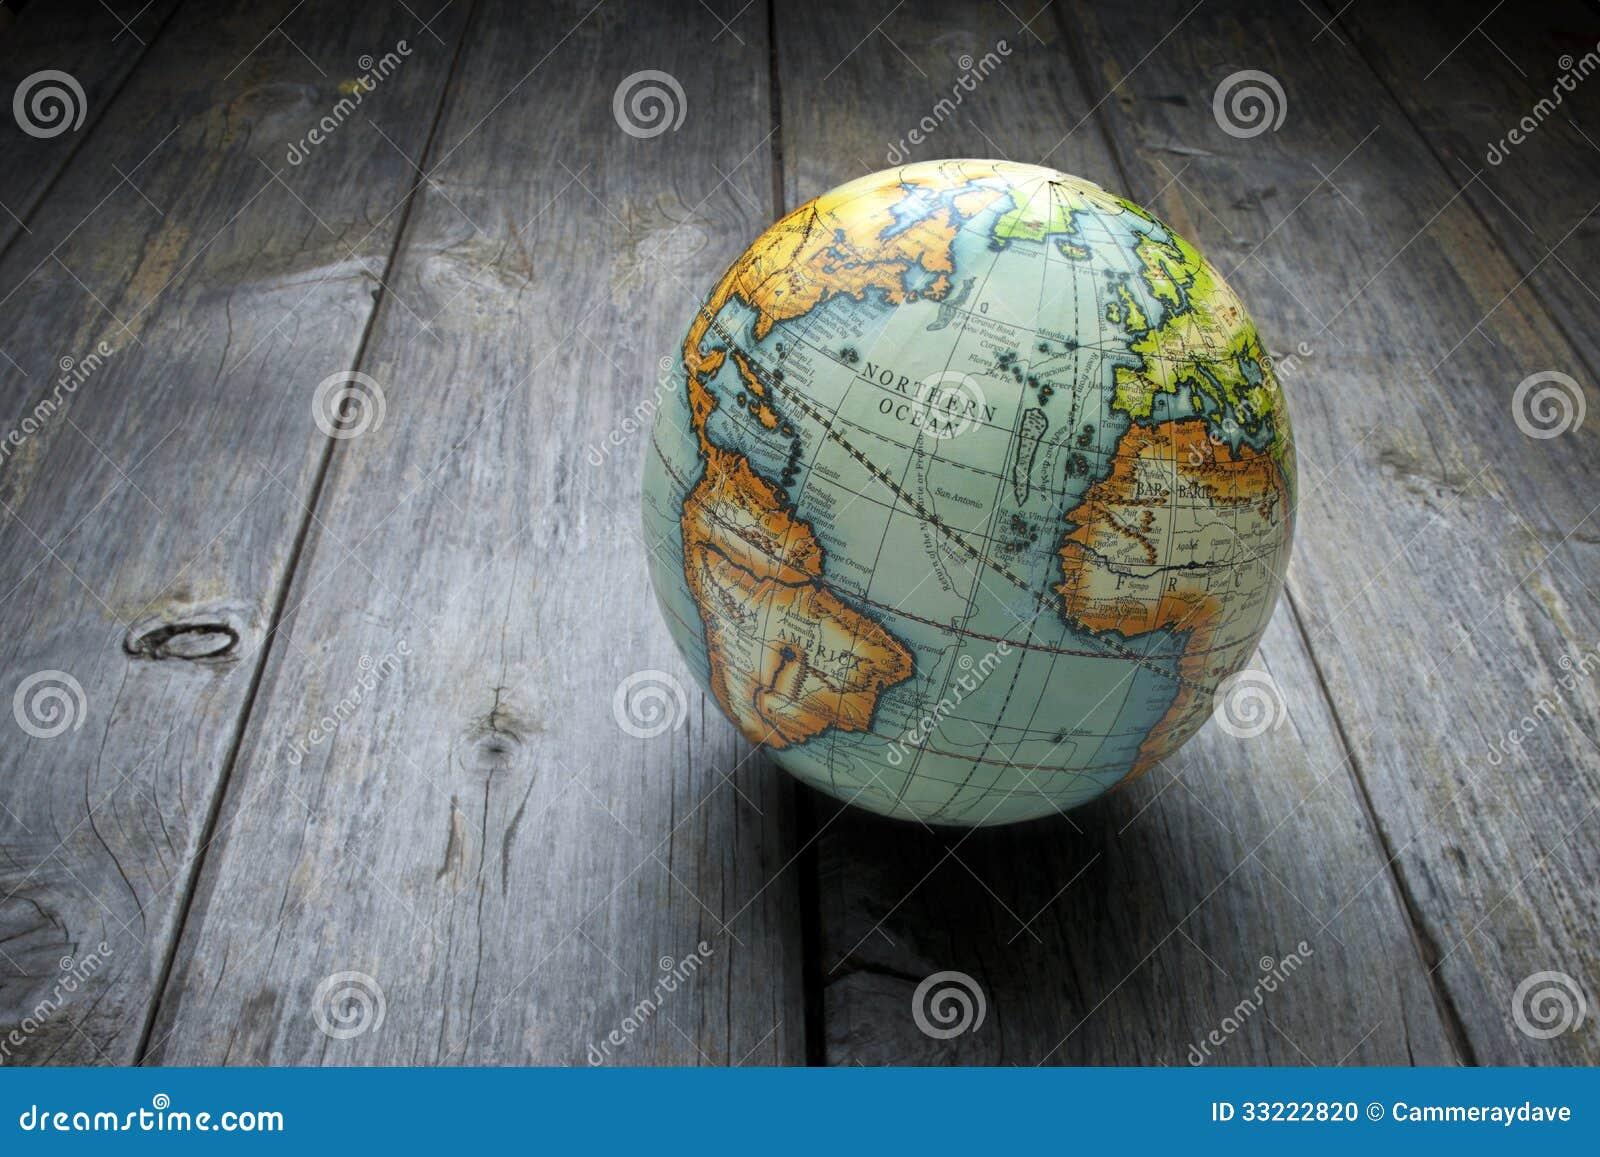 World Globe Wood Background